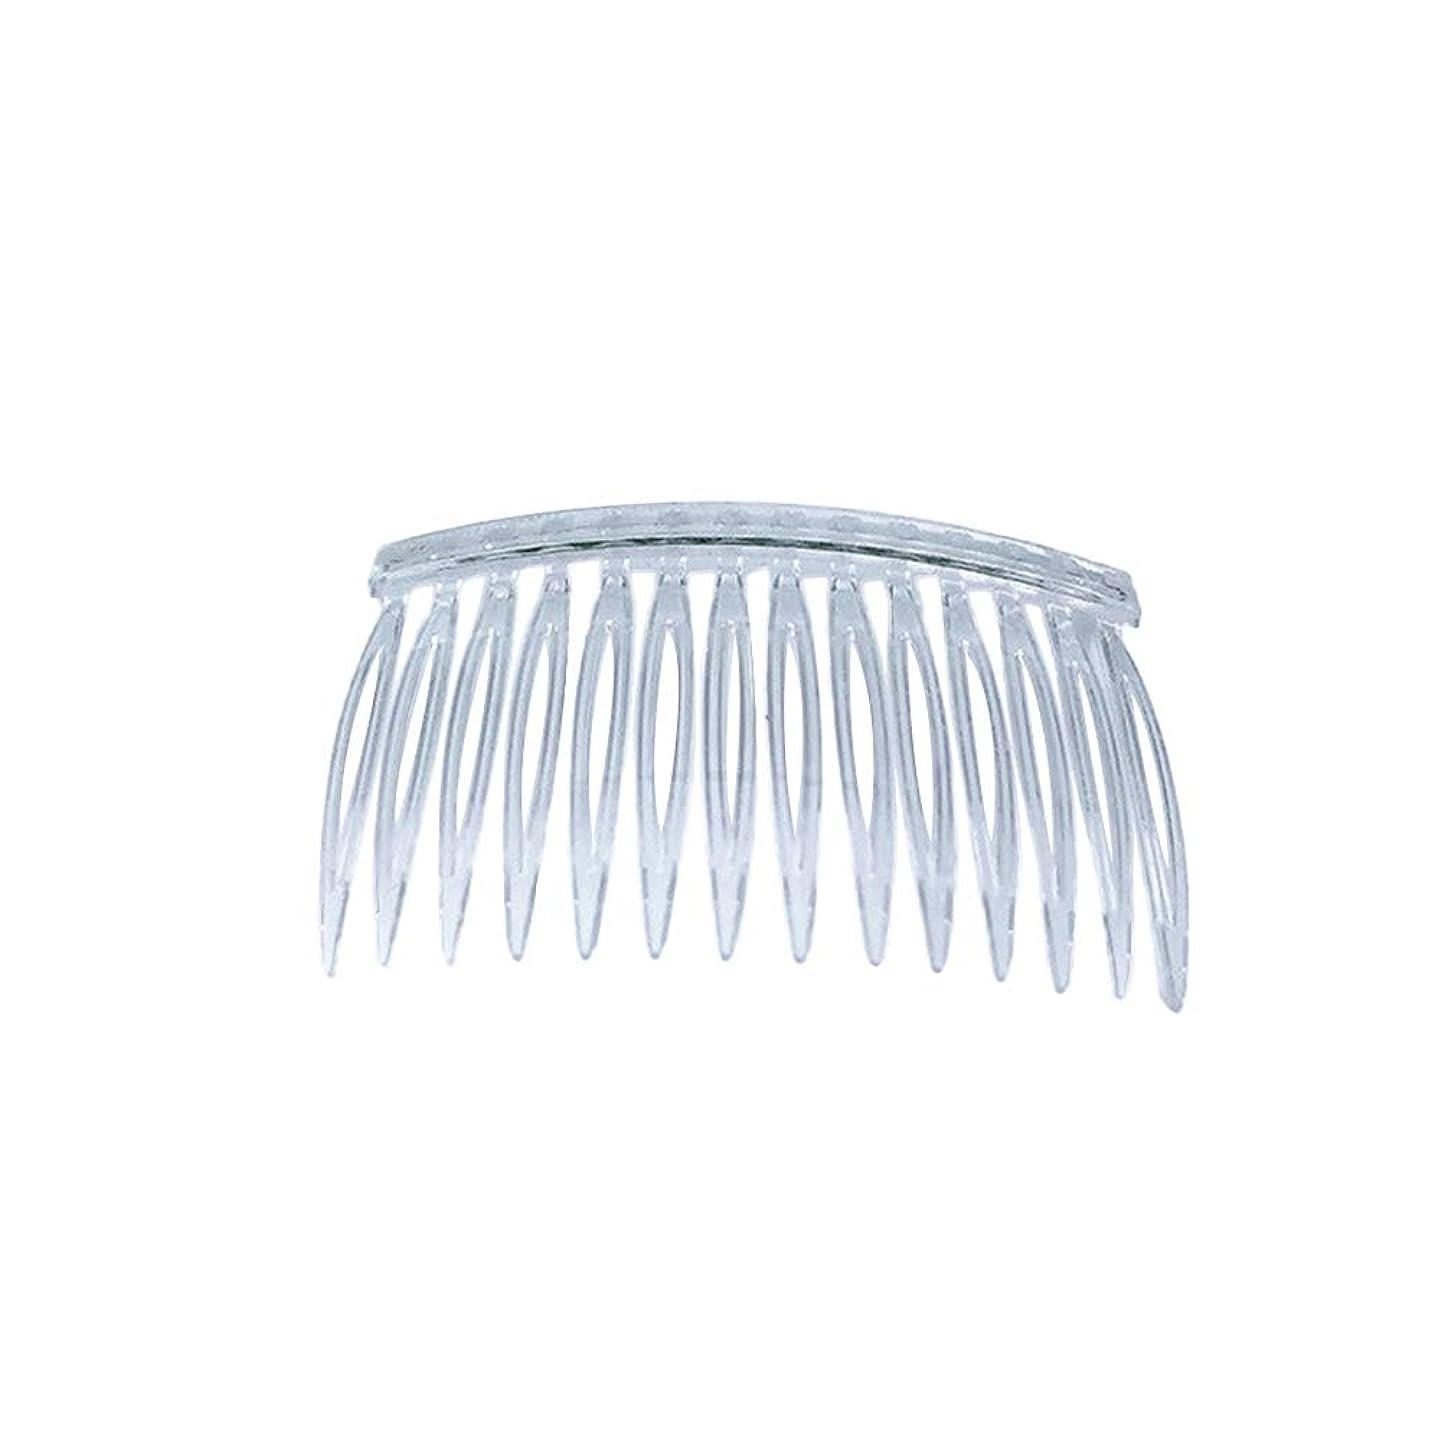 マザーランド追い出す押すFrcolor ヘアコーム ヘアアレンジ コーム かんざし ヘッドドレス 髪の櫛 髪飾り ヘアアクセサリー まとめ髪 プラスチック 透明 10本セット